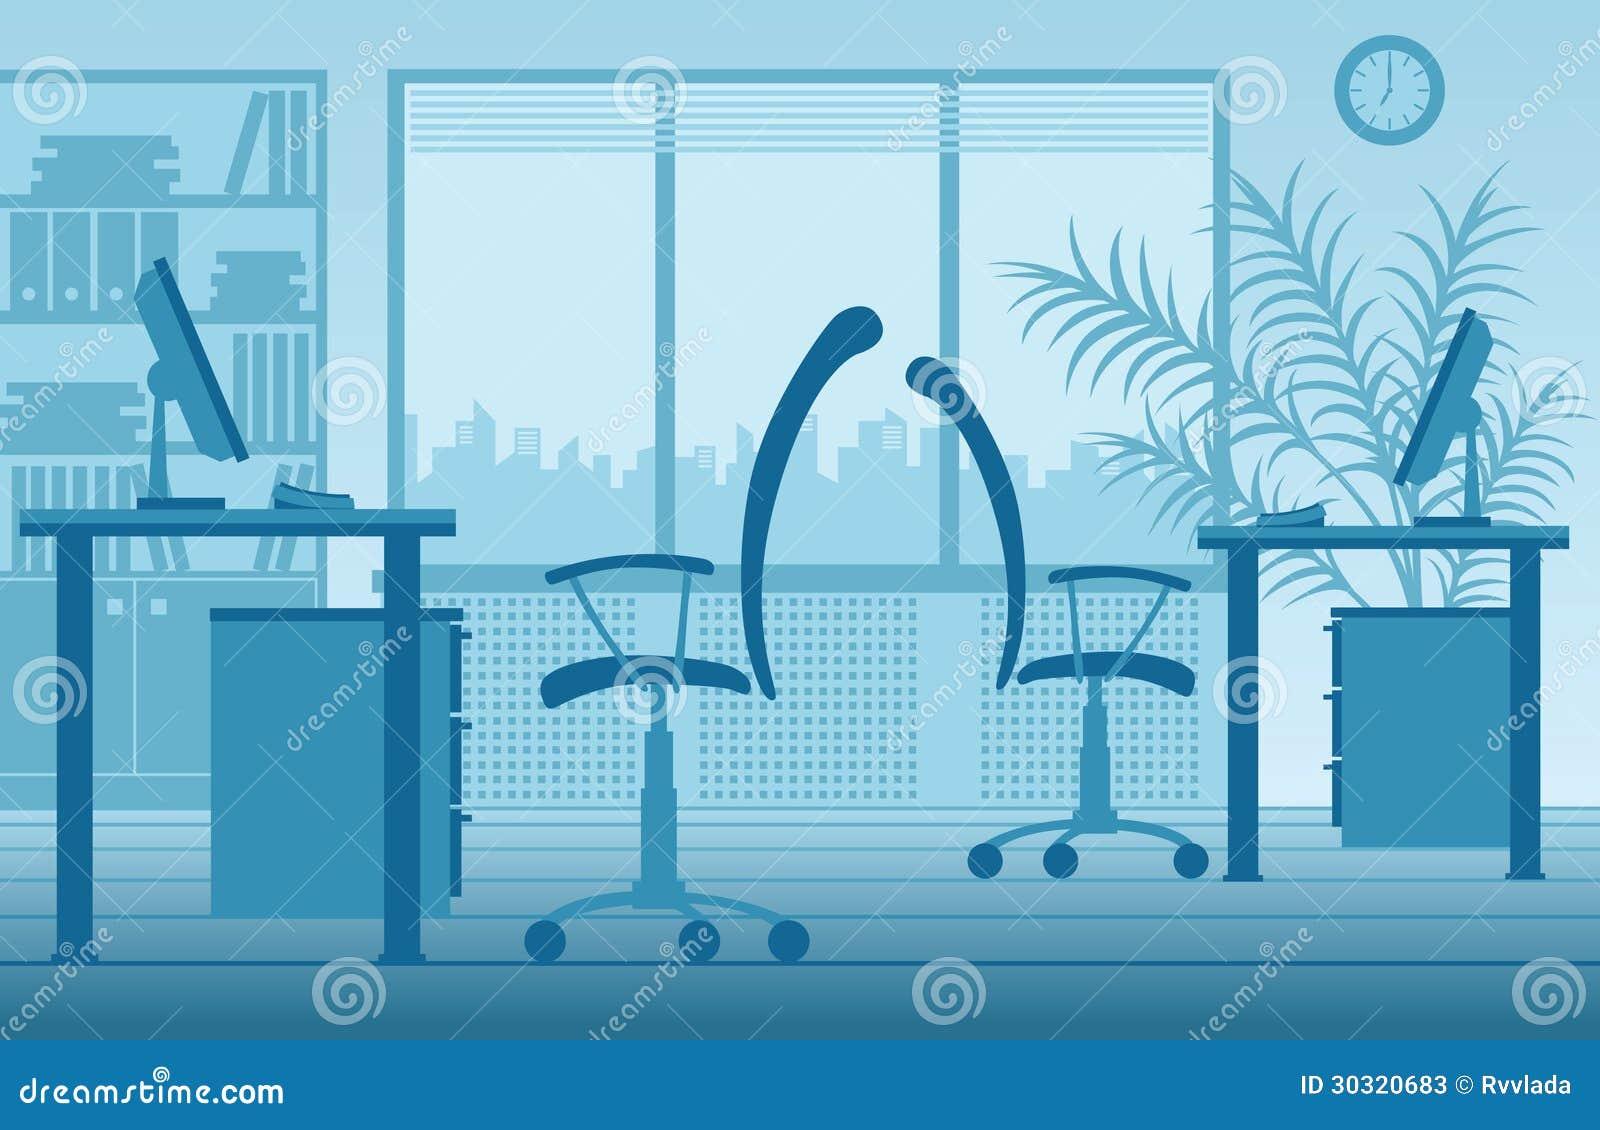 vector office interior stock photos